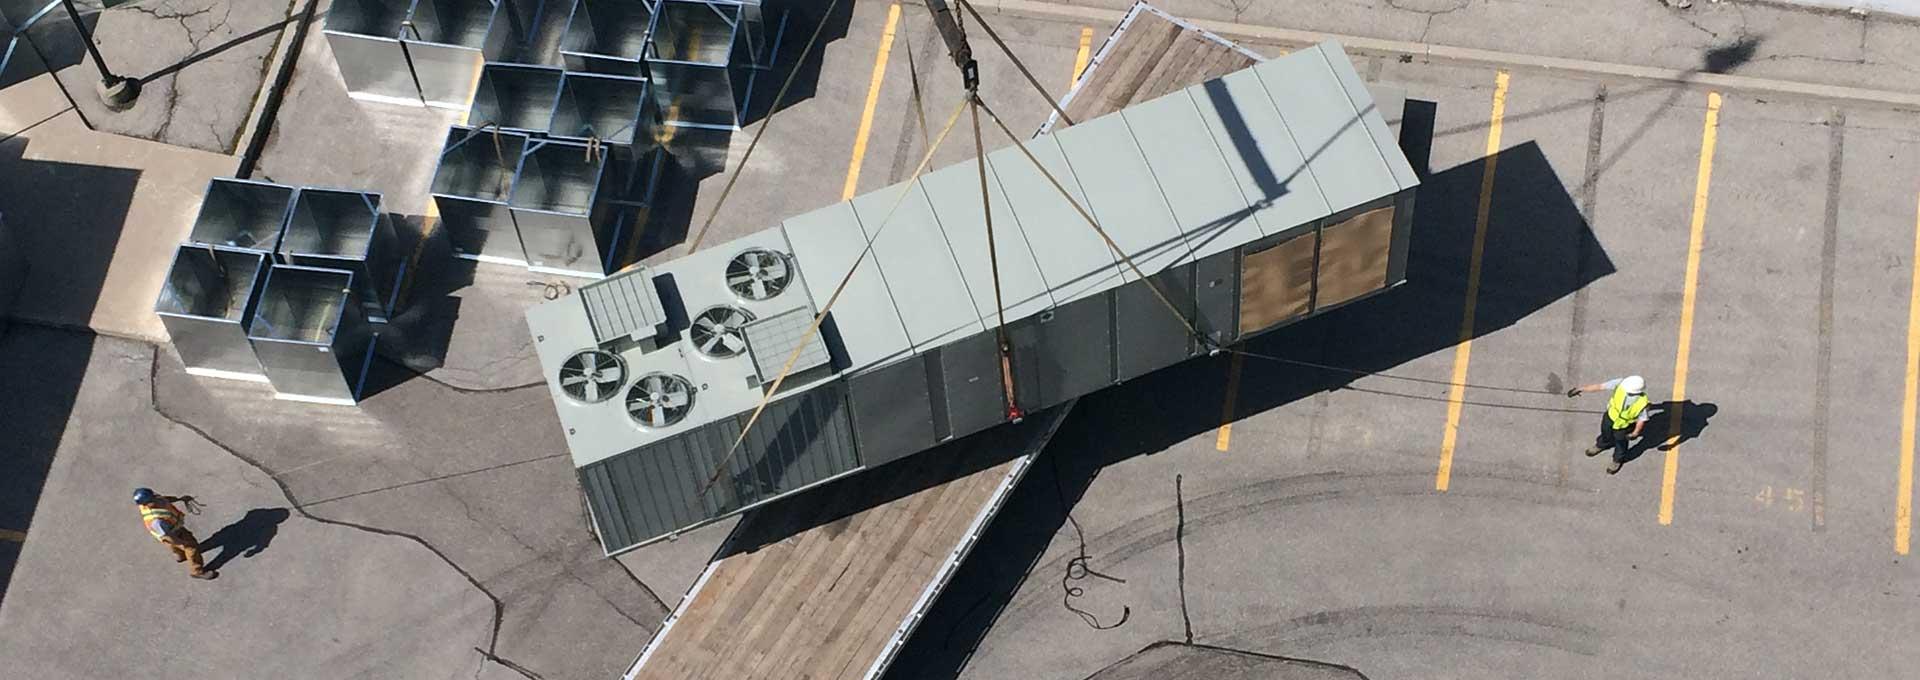 Crane Used to Lift Large HVAC Unit